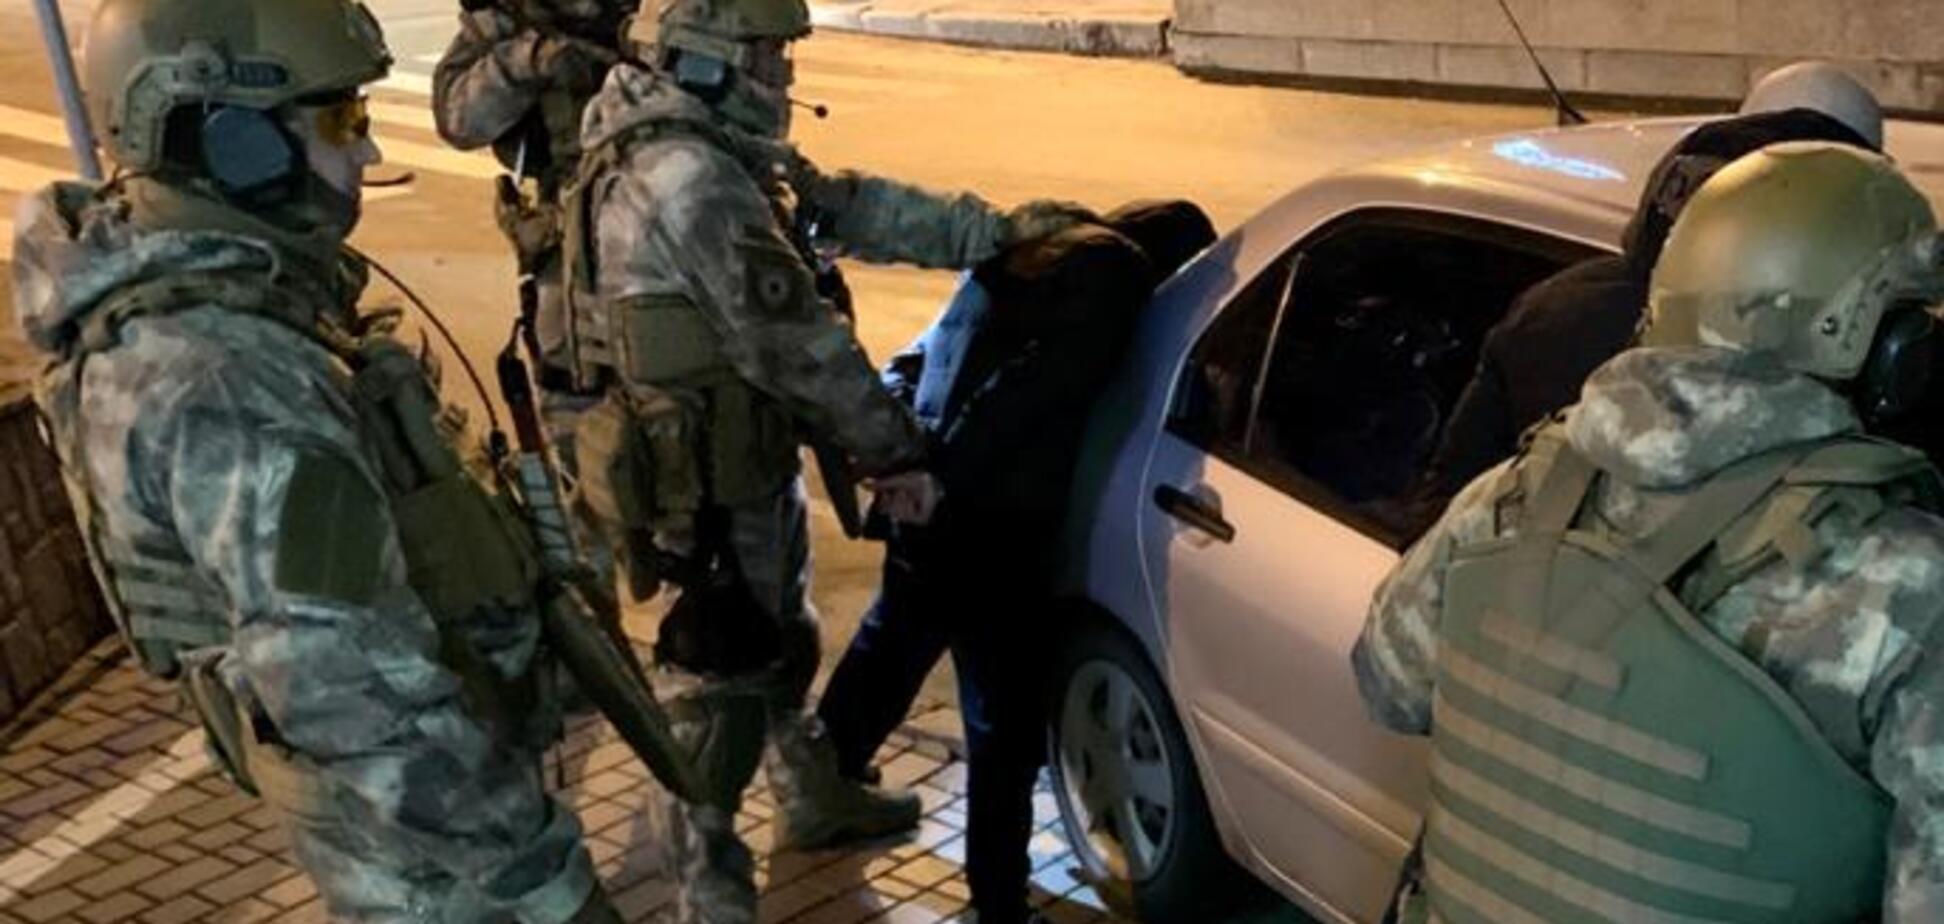 Перестрелка в центре Днепра: в сеть попало видео задержания подозреваемых